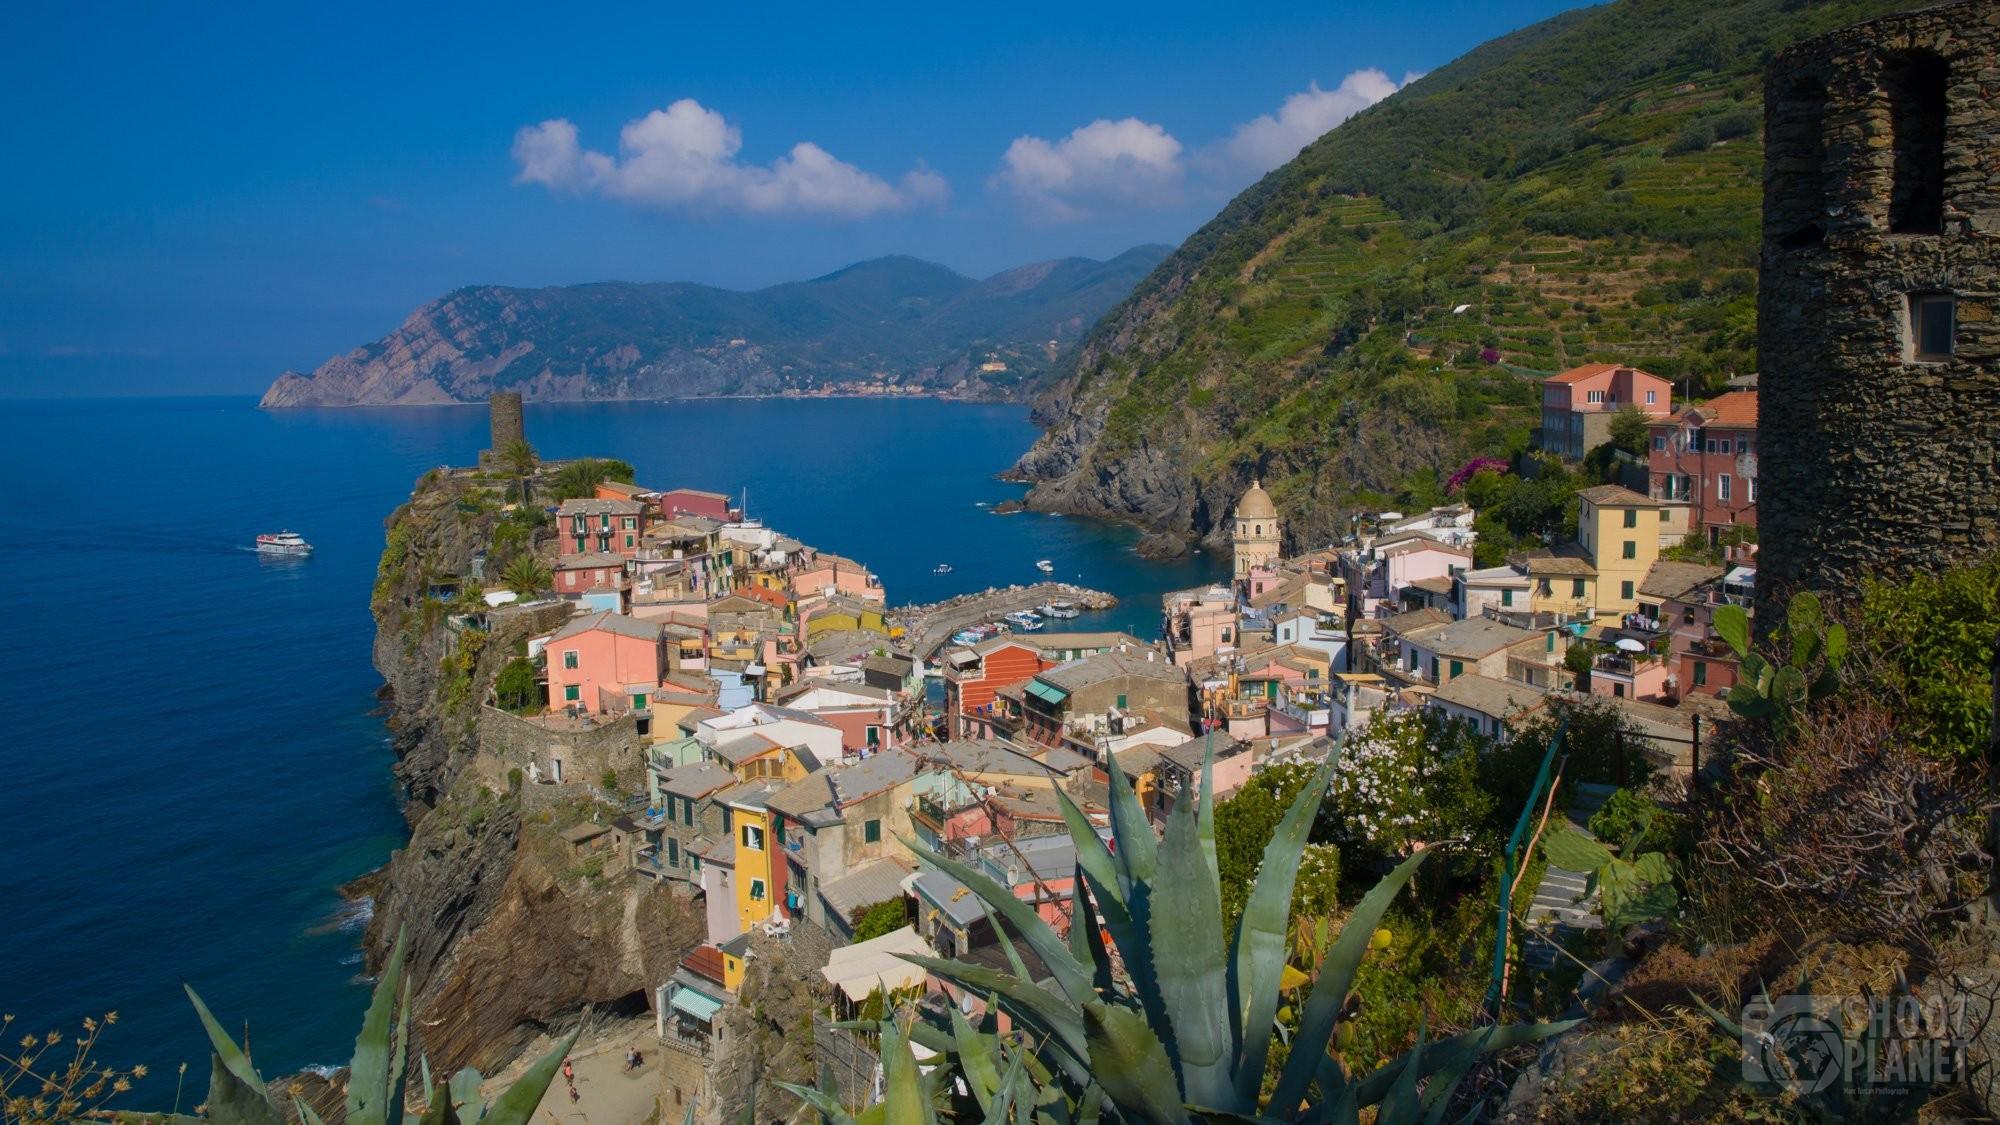 Landmark Vernazza aerial view in Cinque Terre Italy